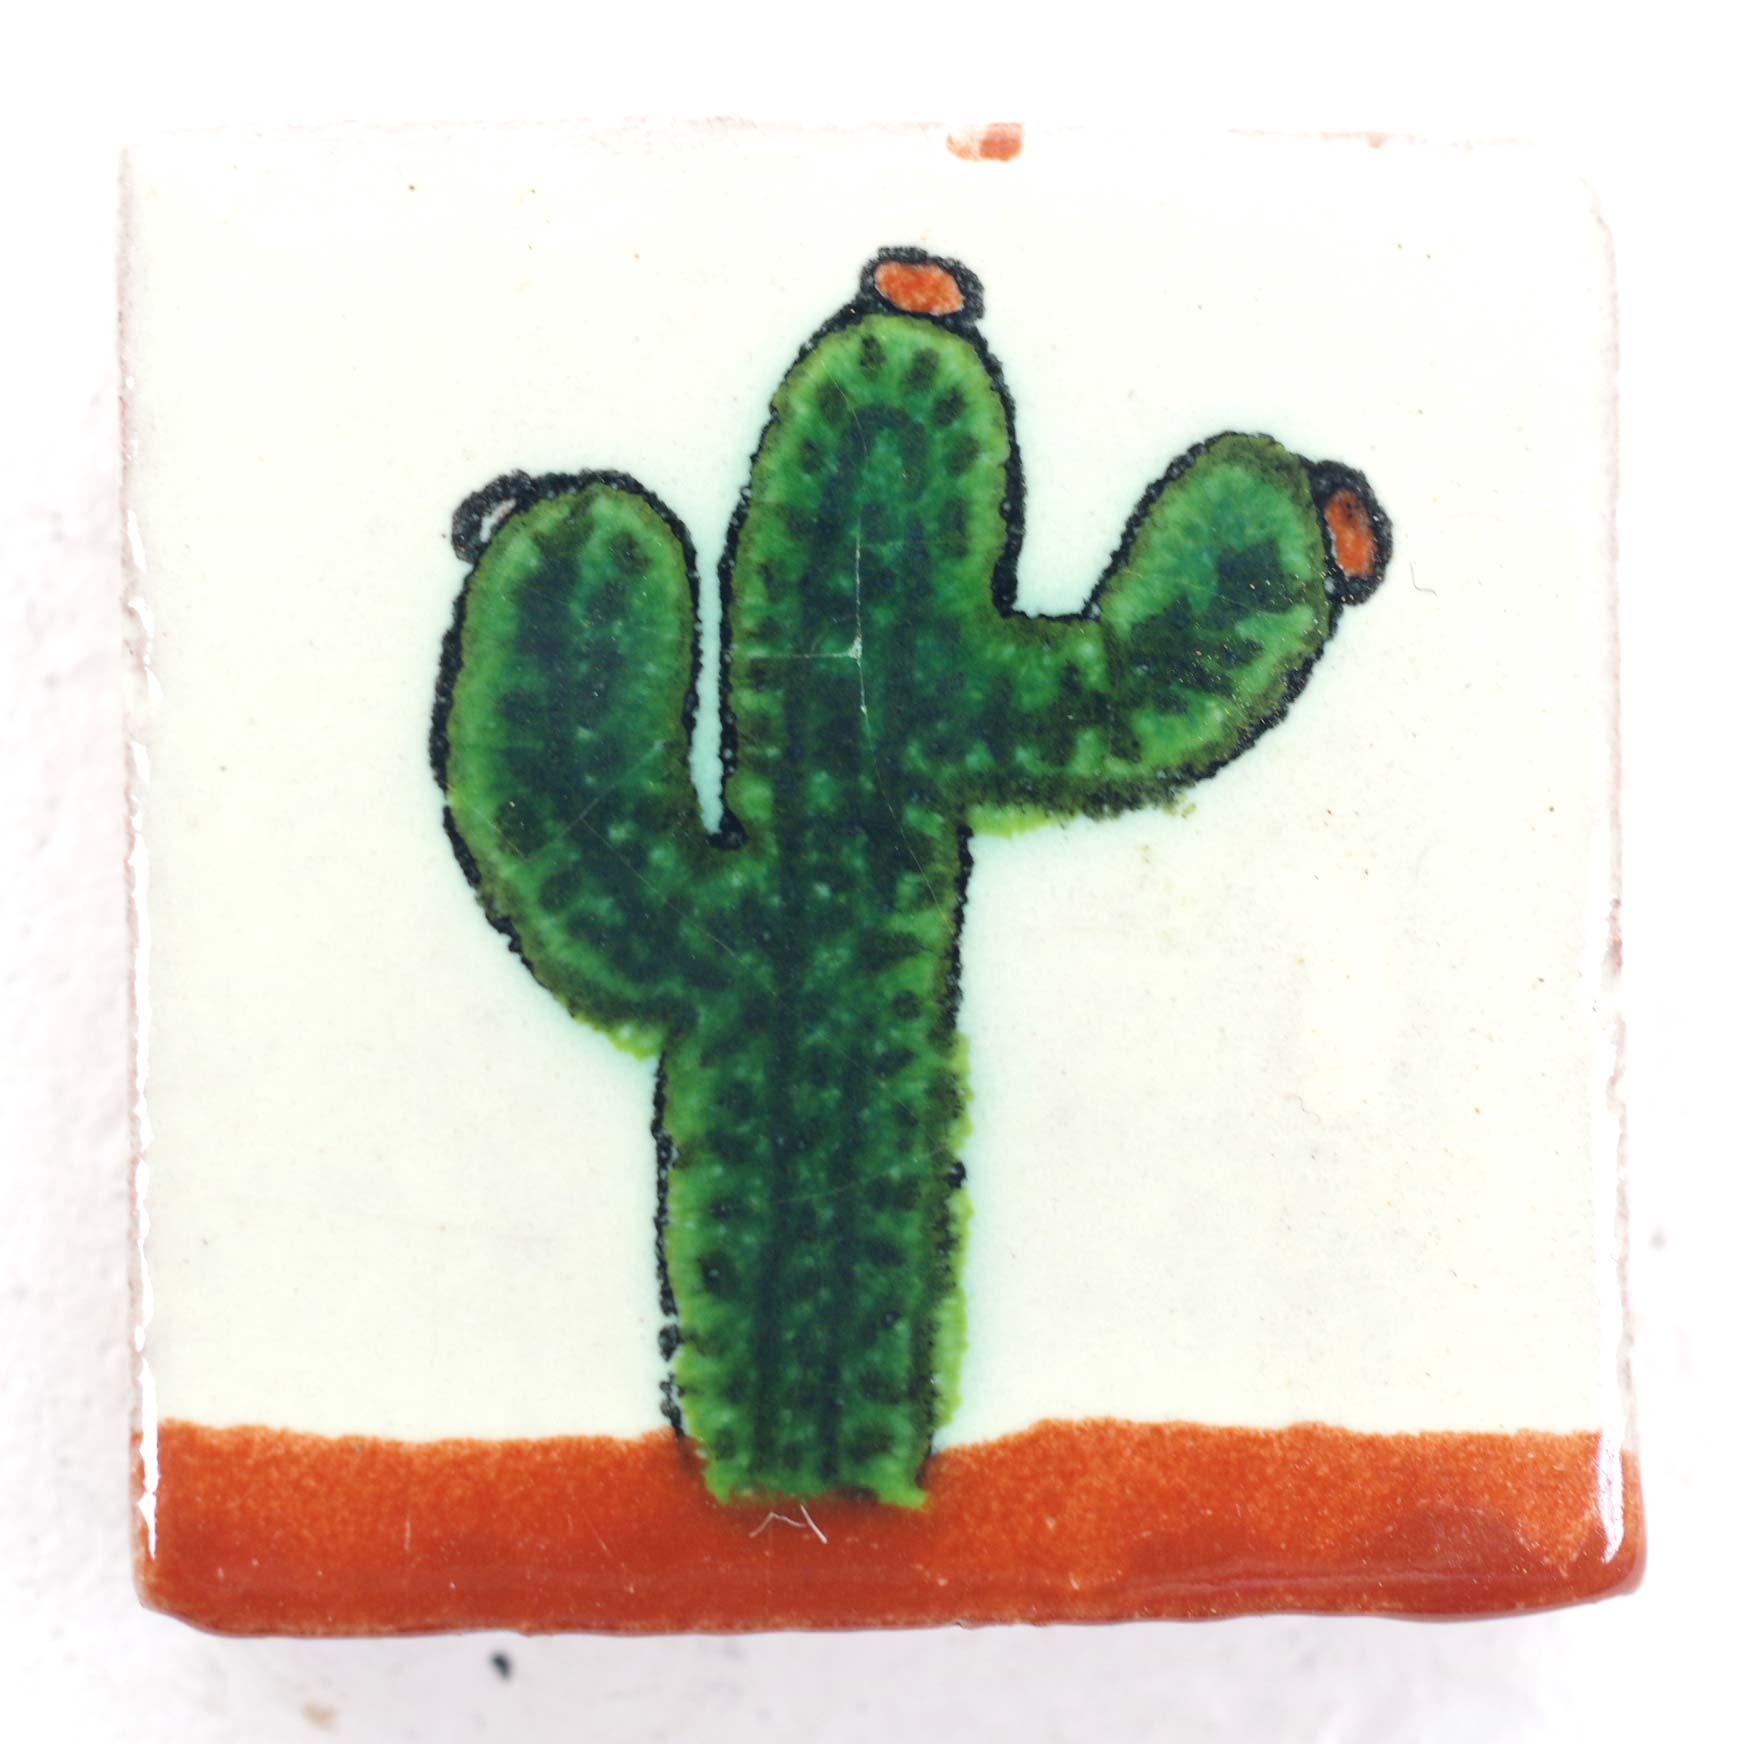 """""""タイル,DIY,ハンドメイド,リフォーム,メキシカンタイル,タラベラタイル,タラベラ焼,タラベラ,モロッコ,素焼き,セラミック,テラコッタ,メキシコ,雑貨,メキシコ雑貨,PAD"""